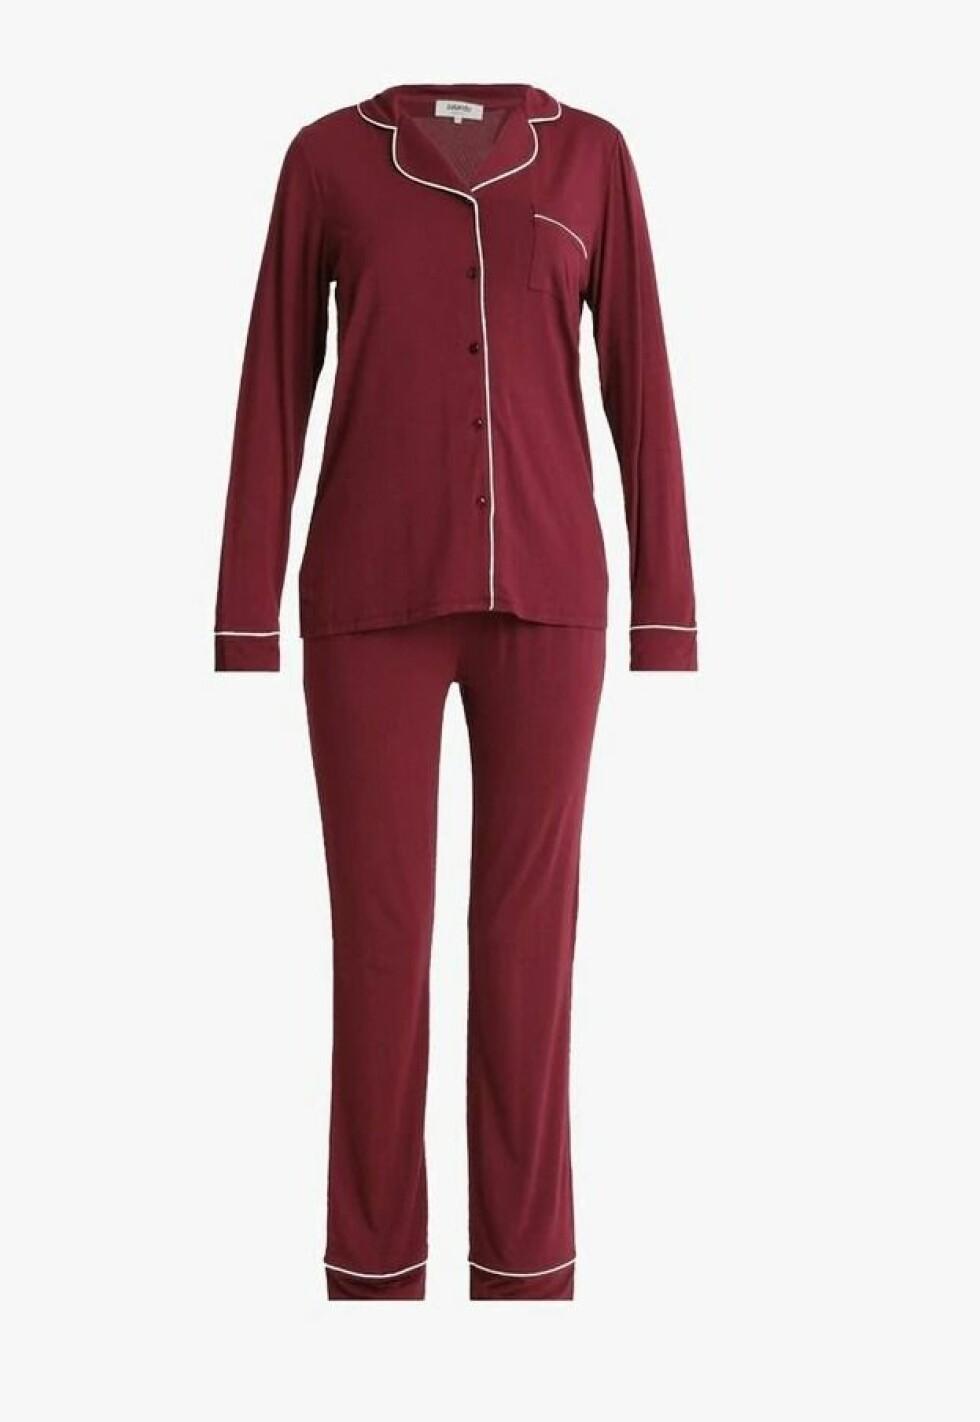 Pysj fra Zalando |299,-| https://www.zalando.no/zalando-essentials-set-pyjamas-za881p00q-g11.html